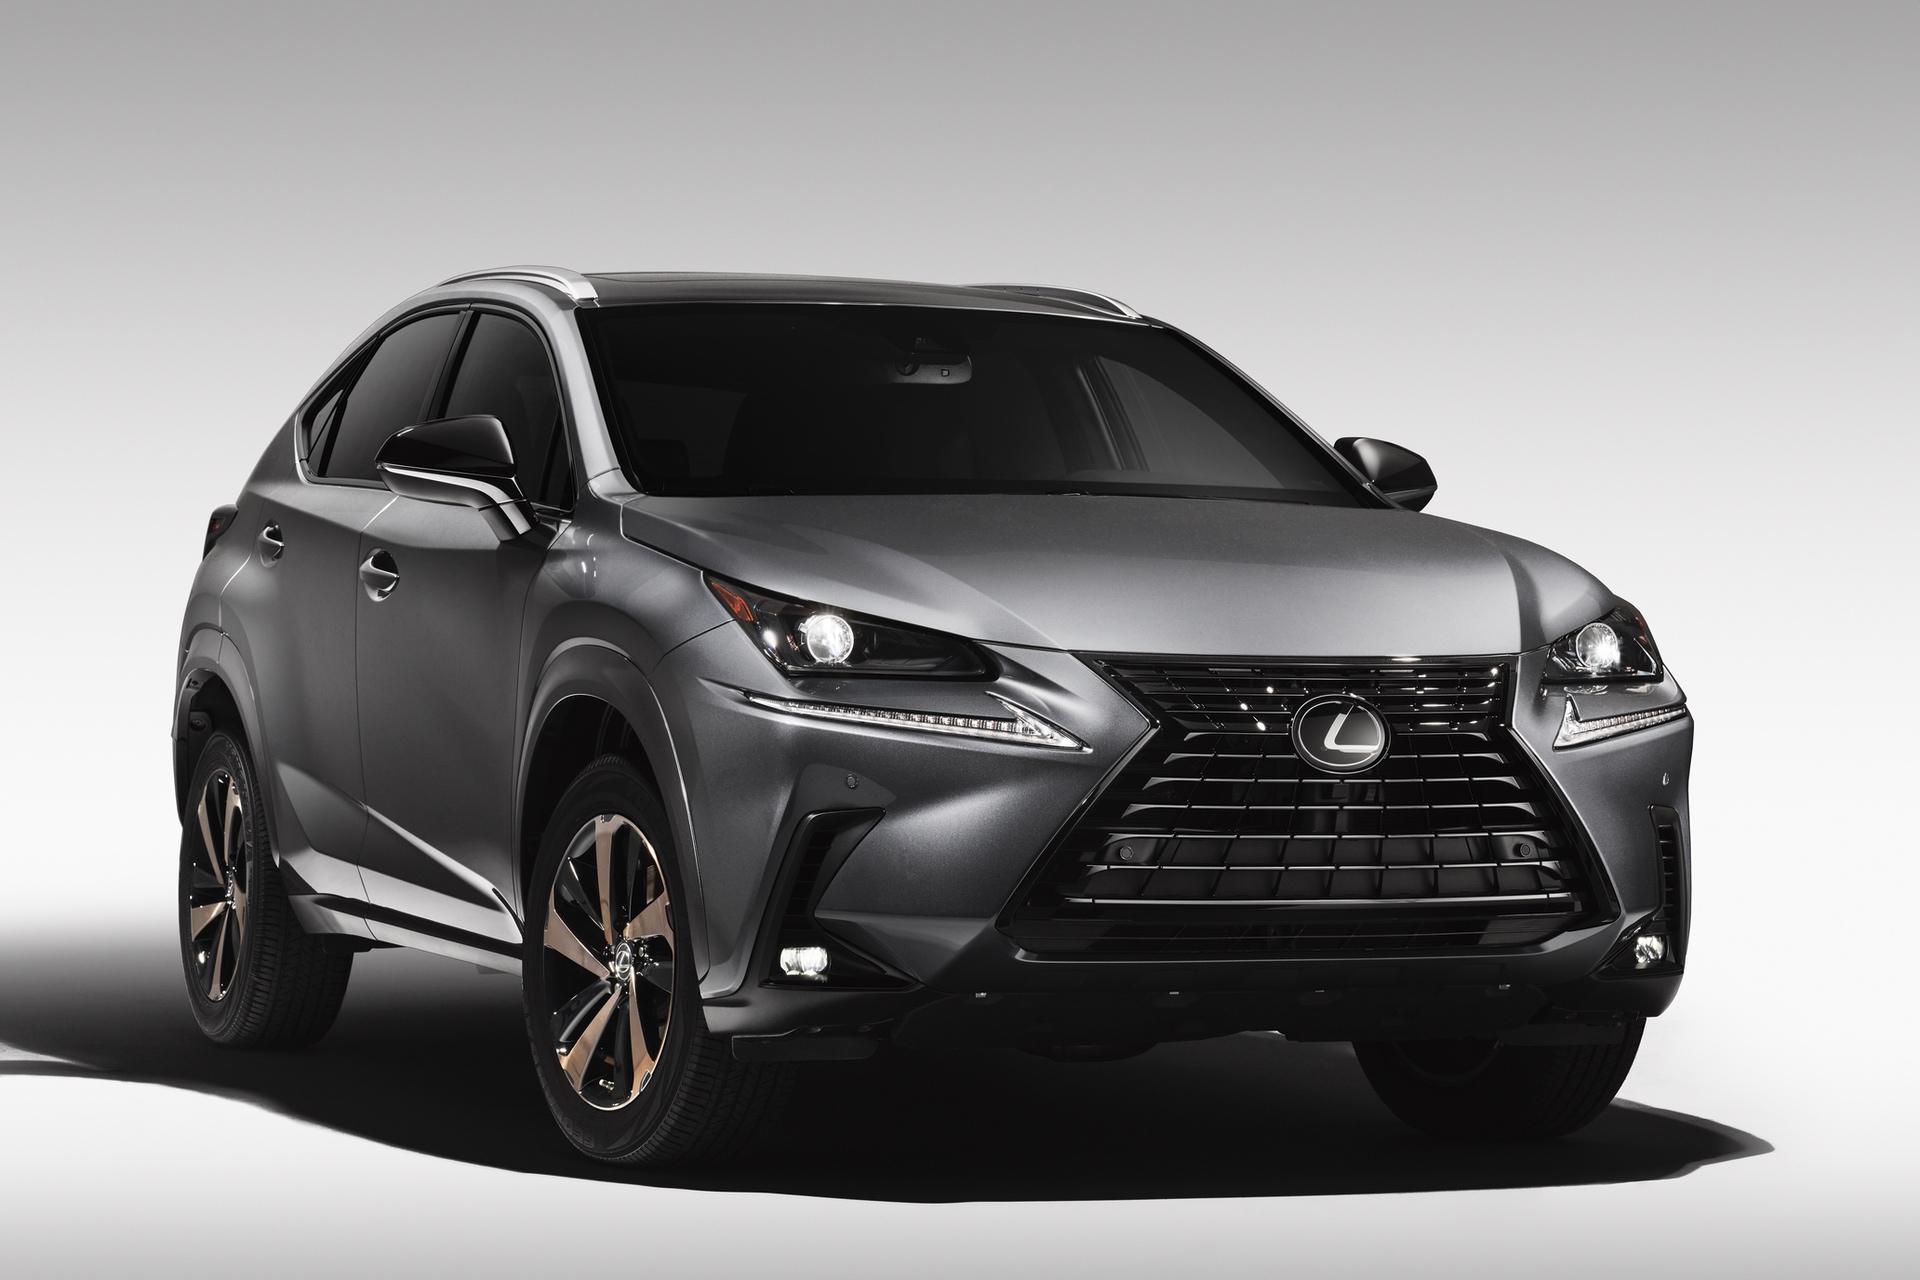 Lexus_NX300_Black_Line_Special_Edition_0003